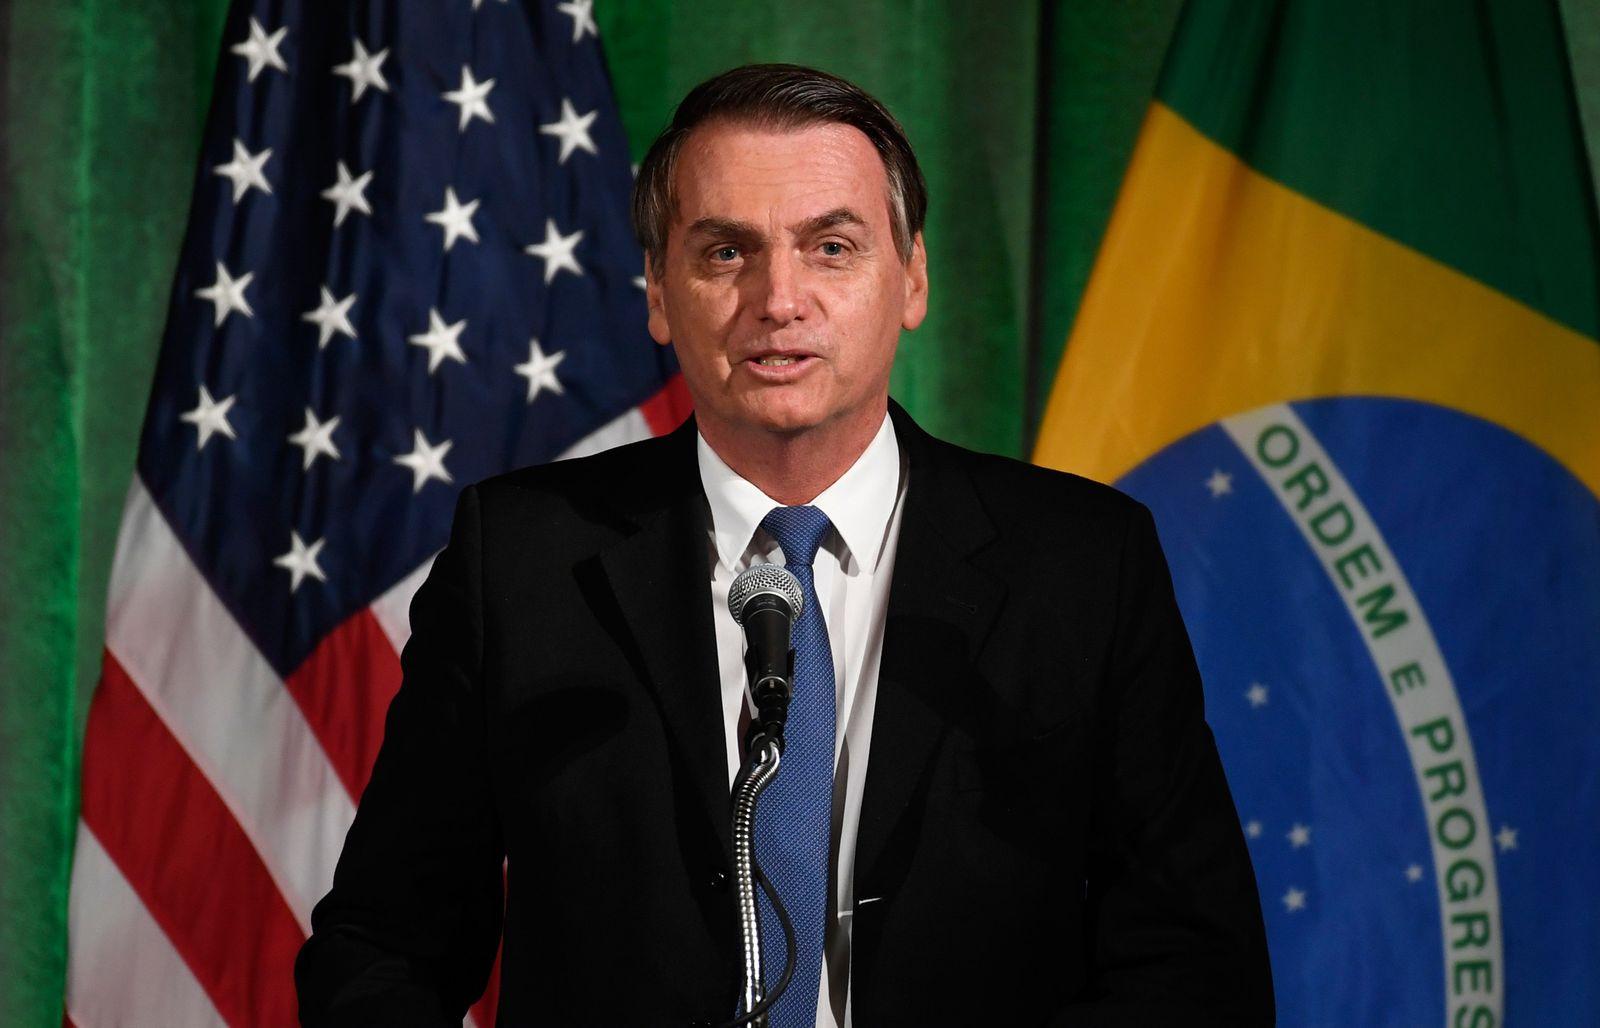 Jair Bolsonaroin den USA